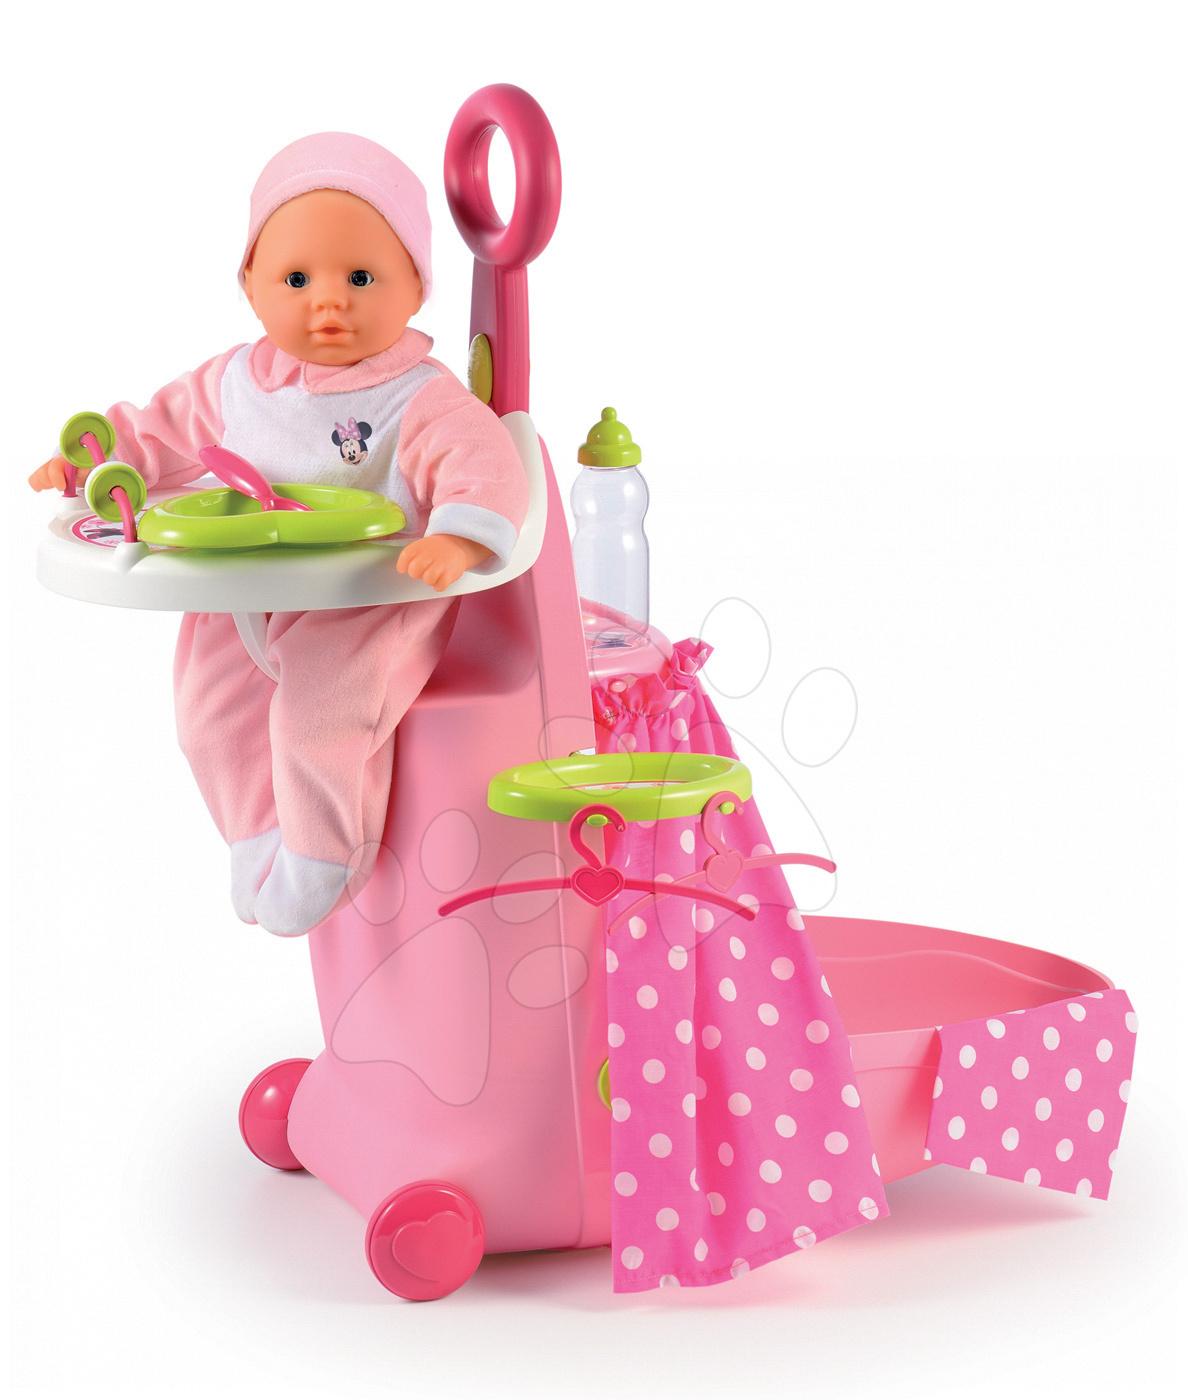 Pečovatelský kufřík Minnie Nursery Smoby pro panenku se 6 doplňky od 18 měsíců